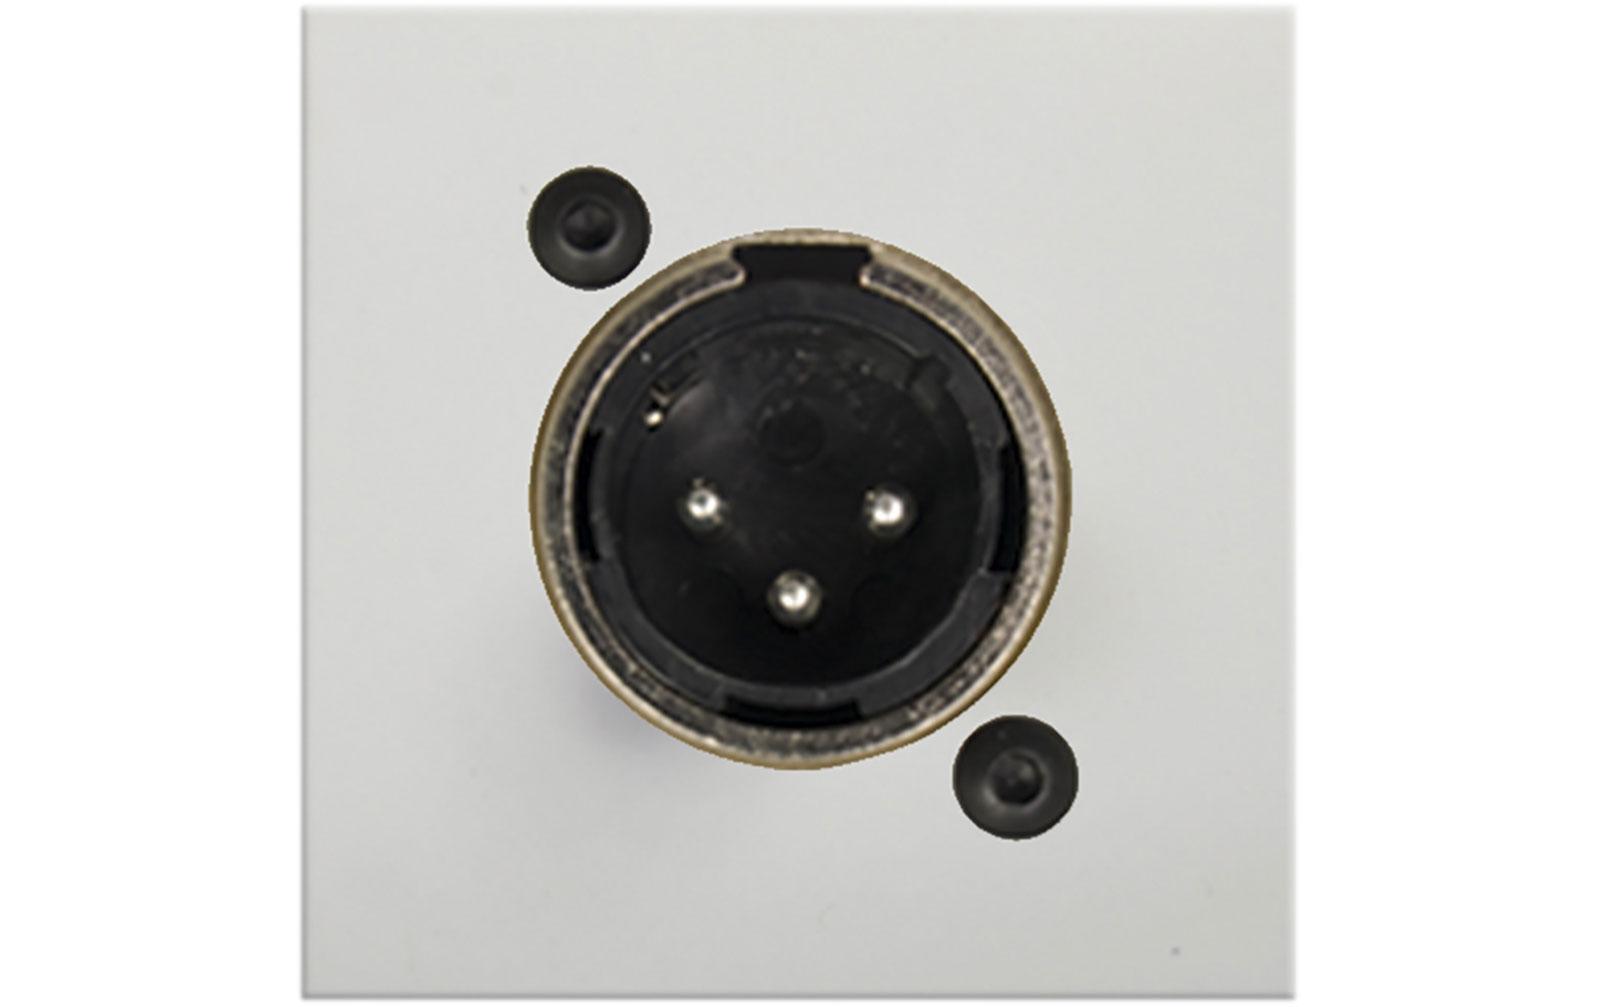 audac-cp-45-xlmsw-anschlussplatte-mit-xlr-male-buchse-weiss-45-x-45-mm